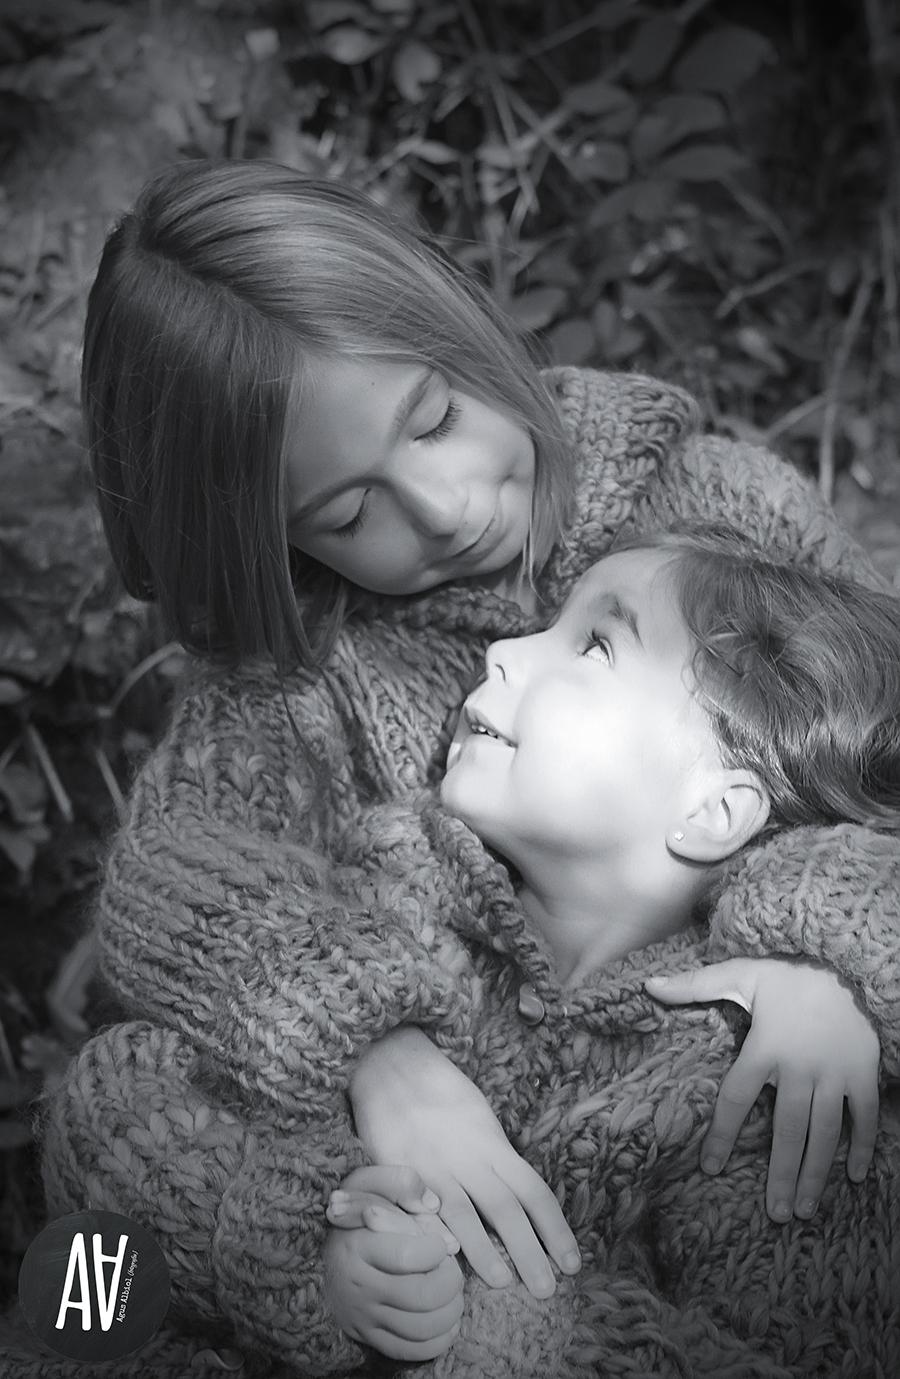 Sesiones otoño agusalbiolfotografia fotografa de niños barcelona tona fotografia exterios.7